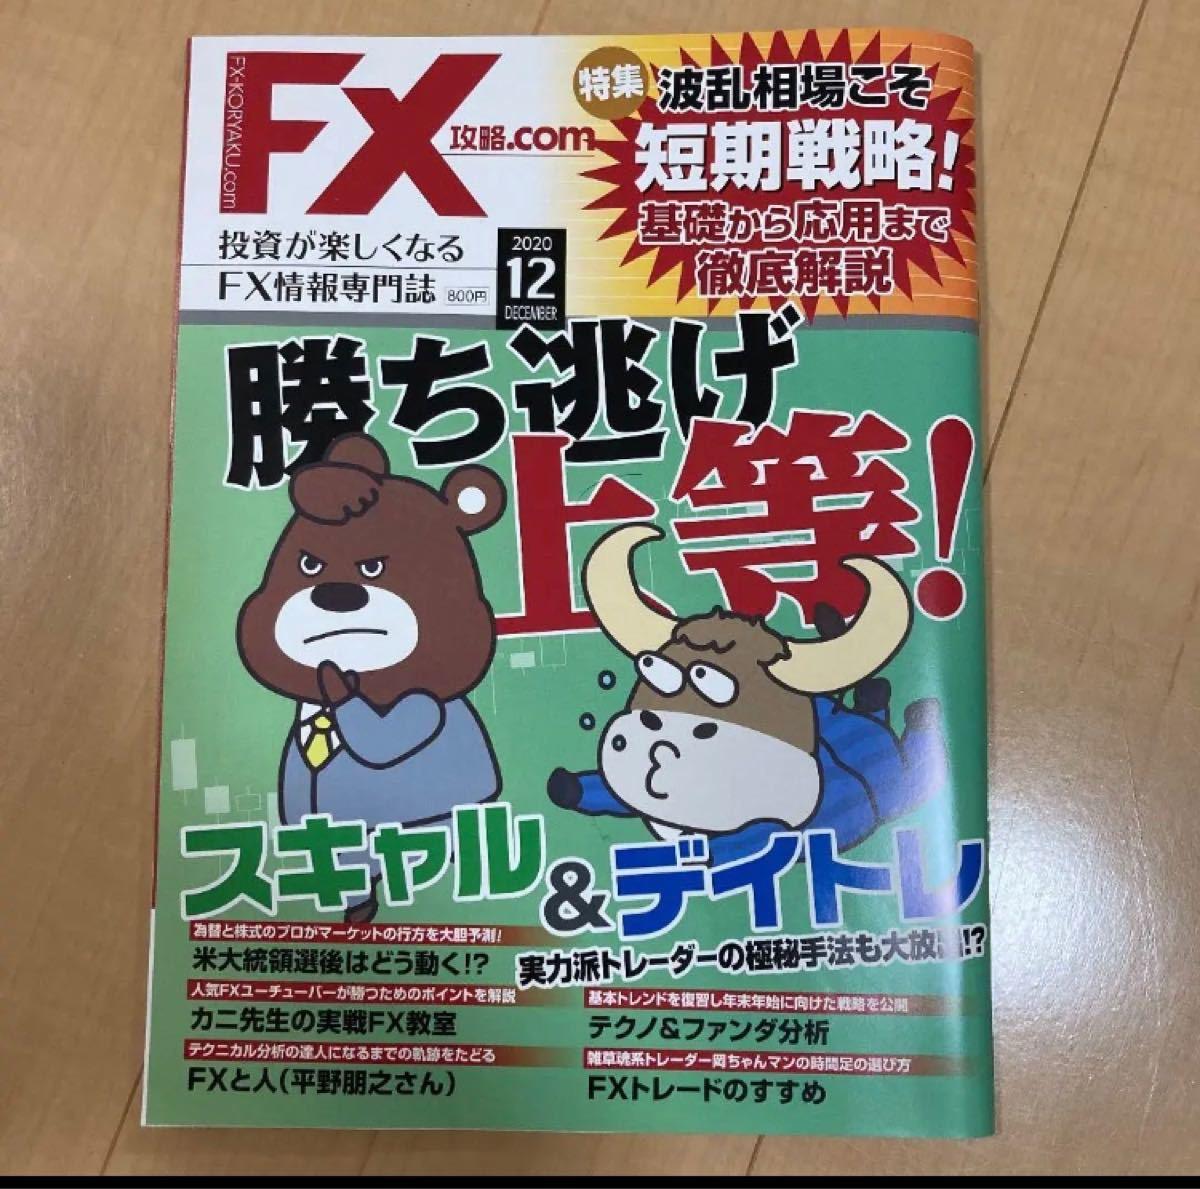 FX攻略.com 2020年12月号 投資が楽しくなるFX情報専門誌